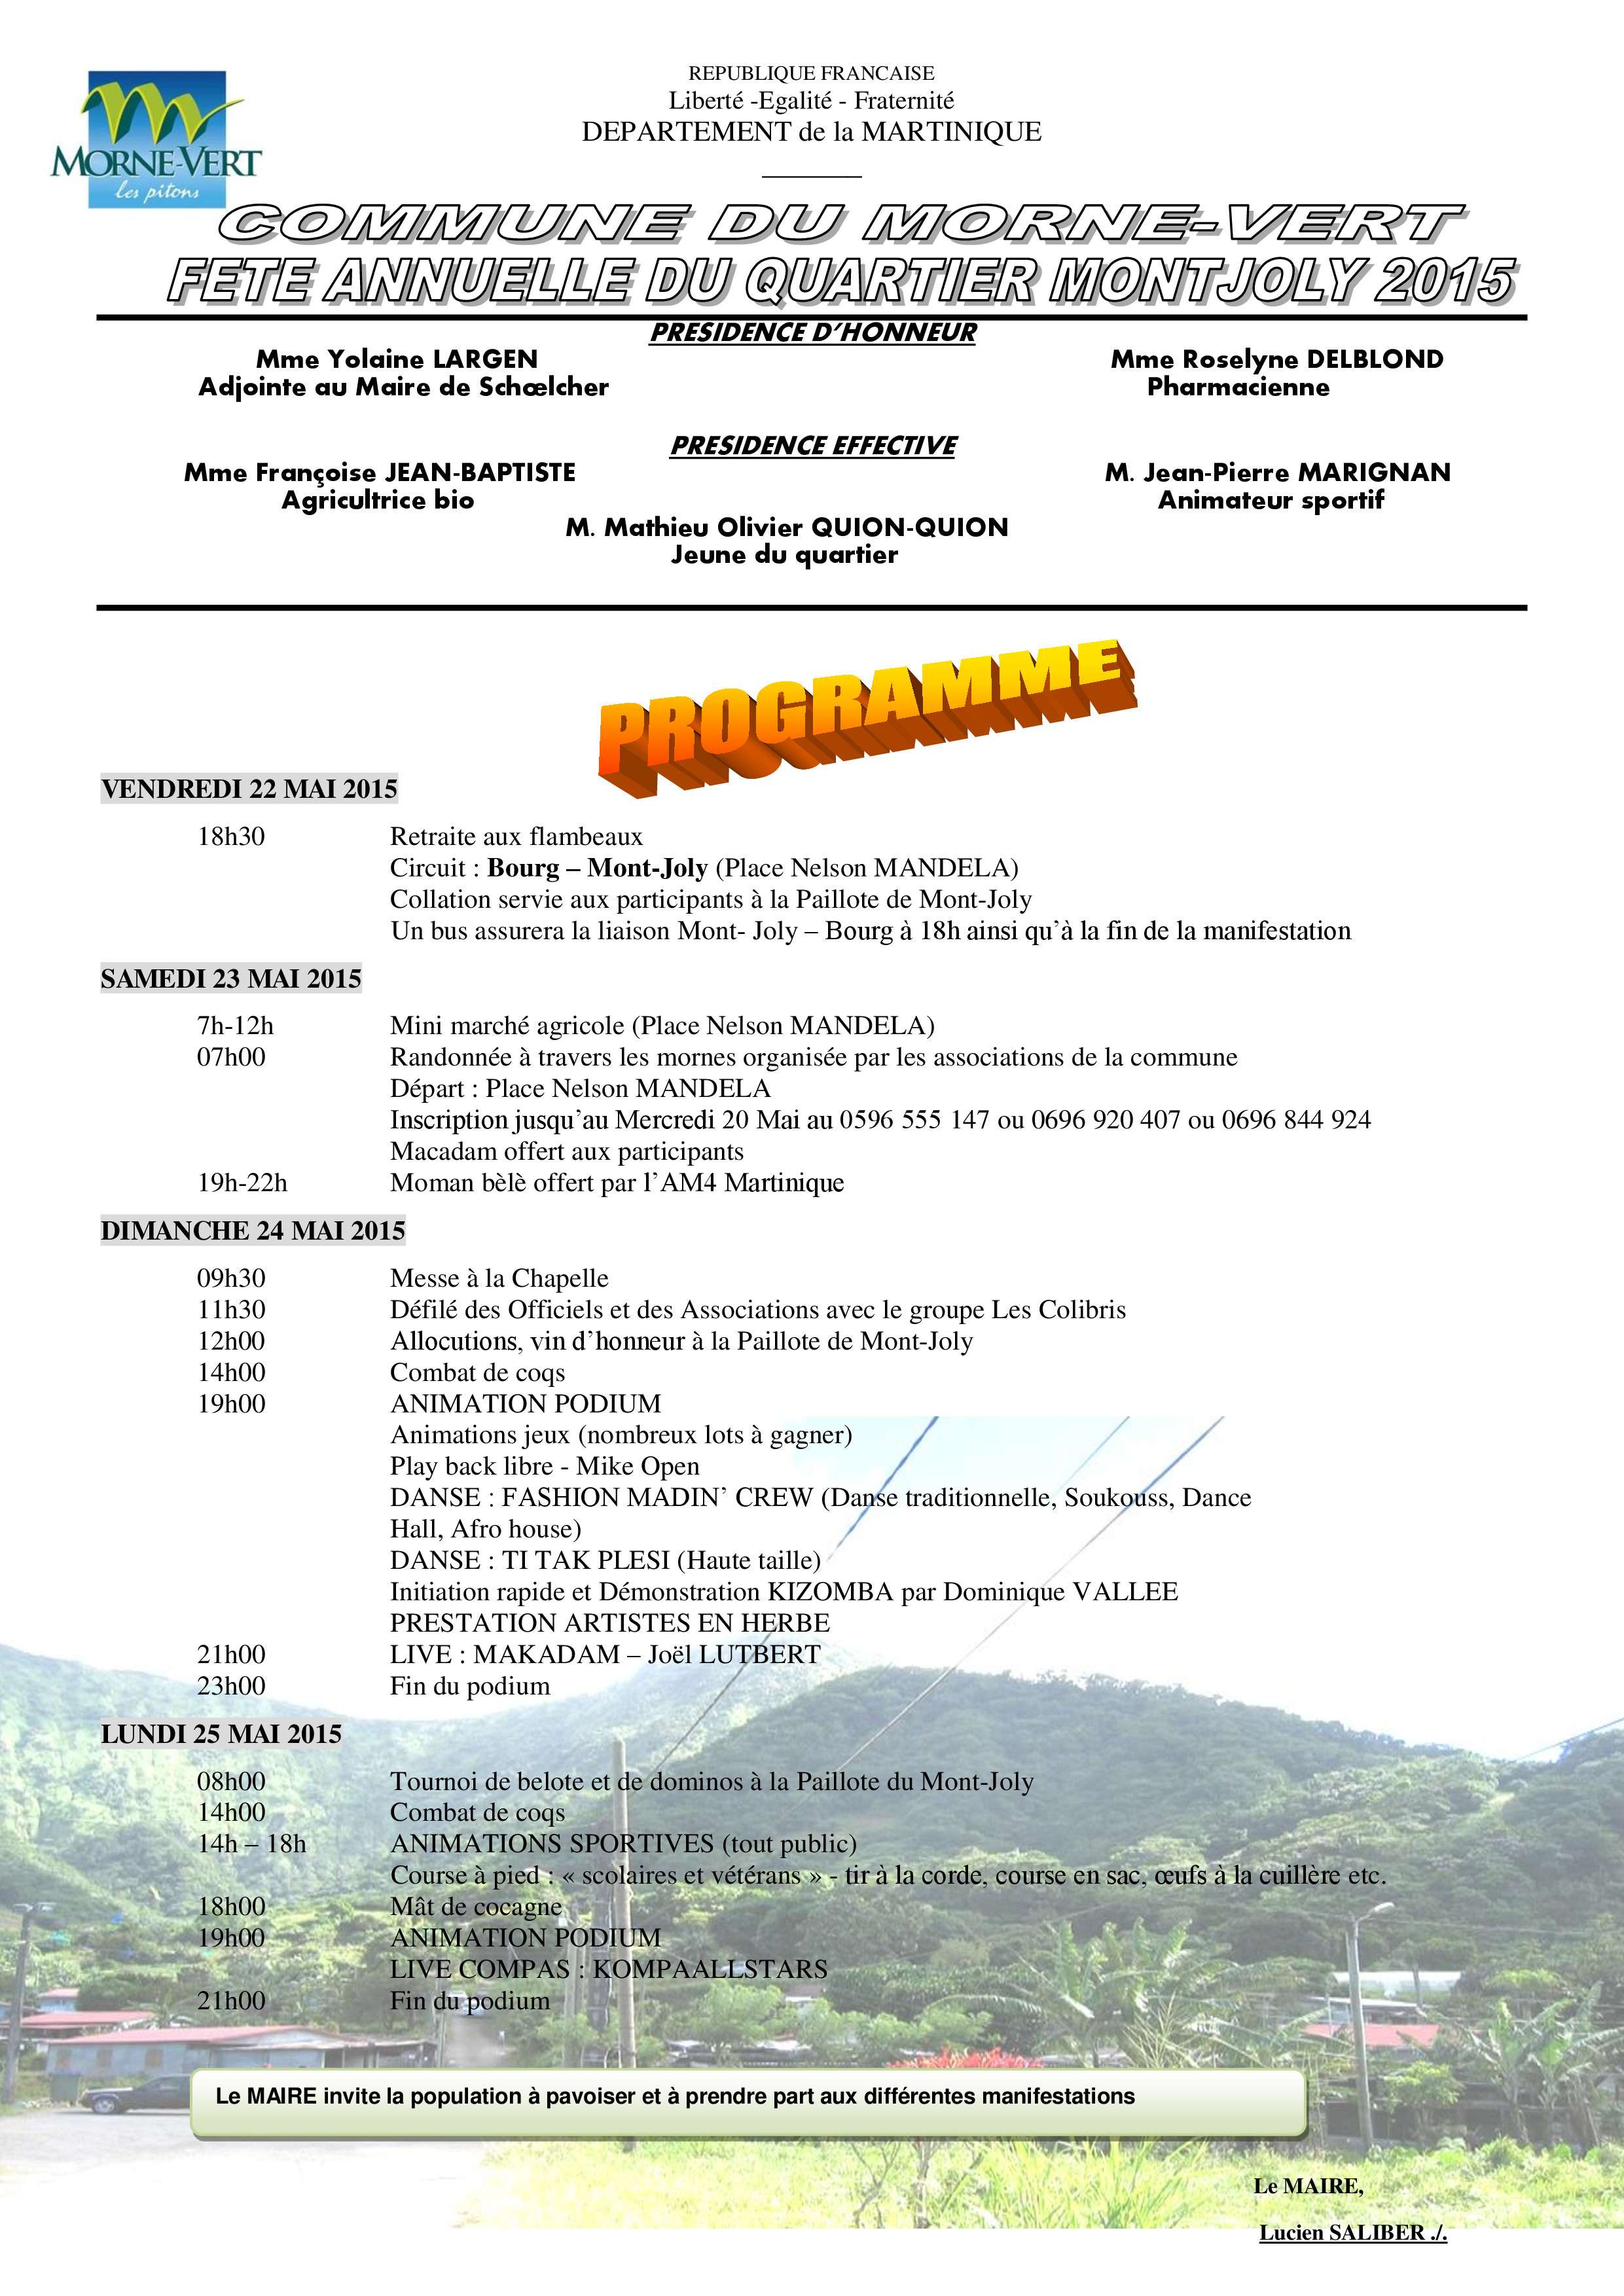 20150515-programme